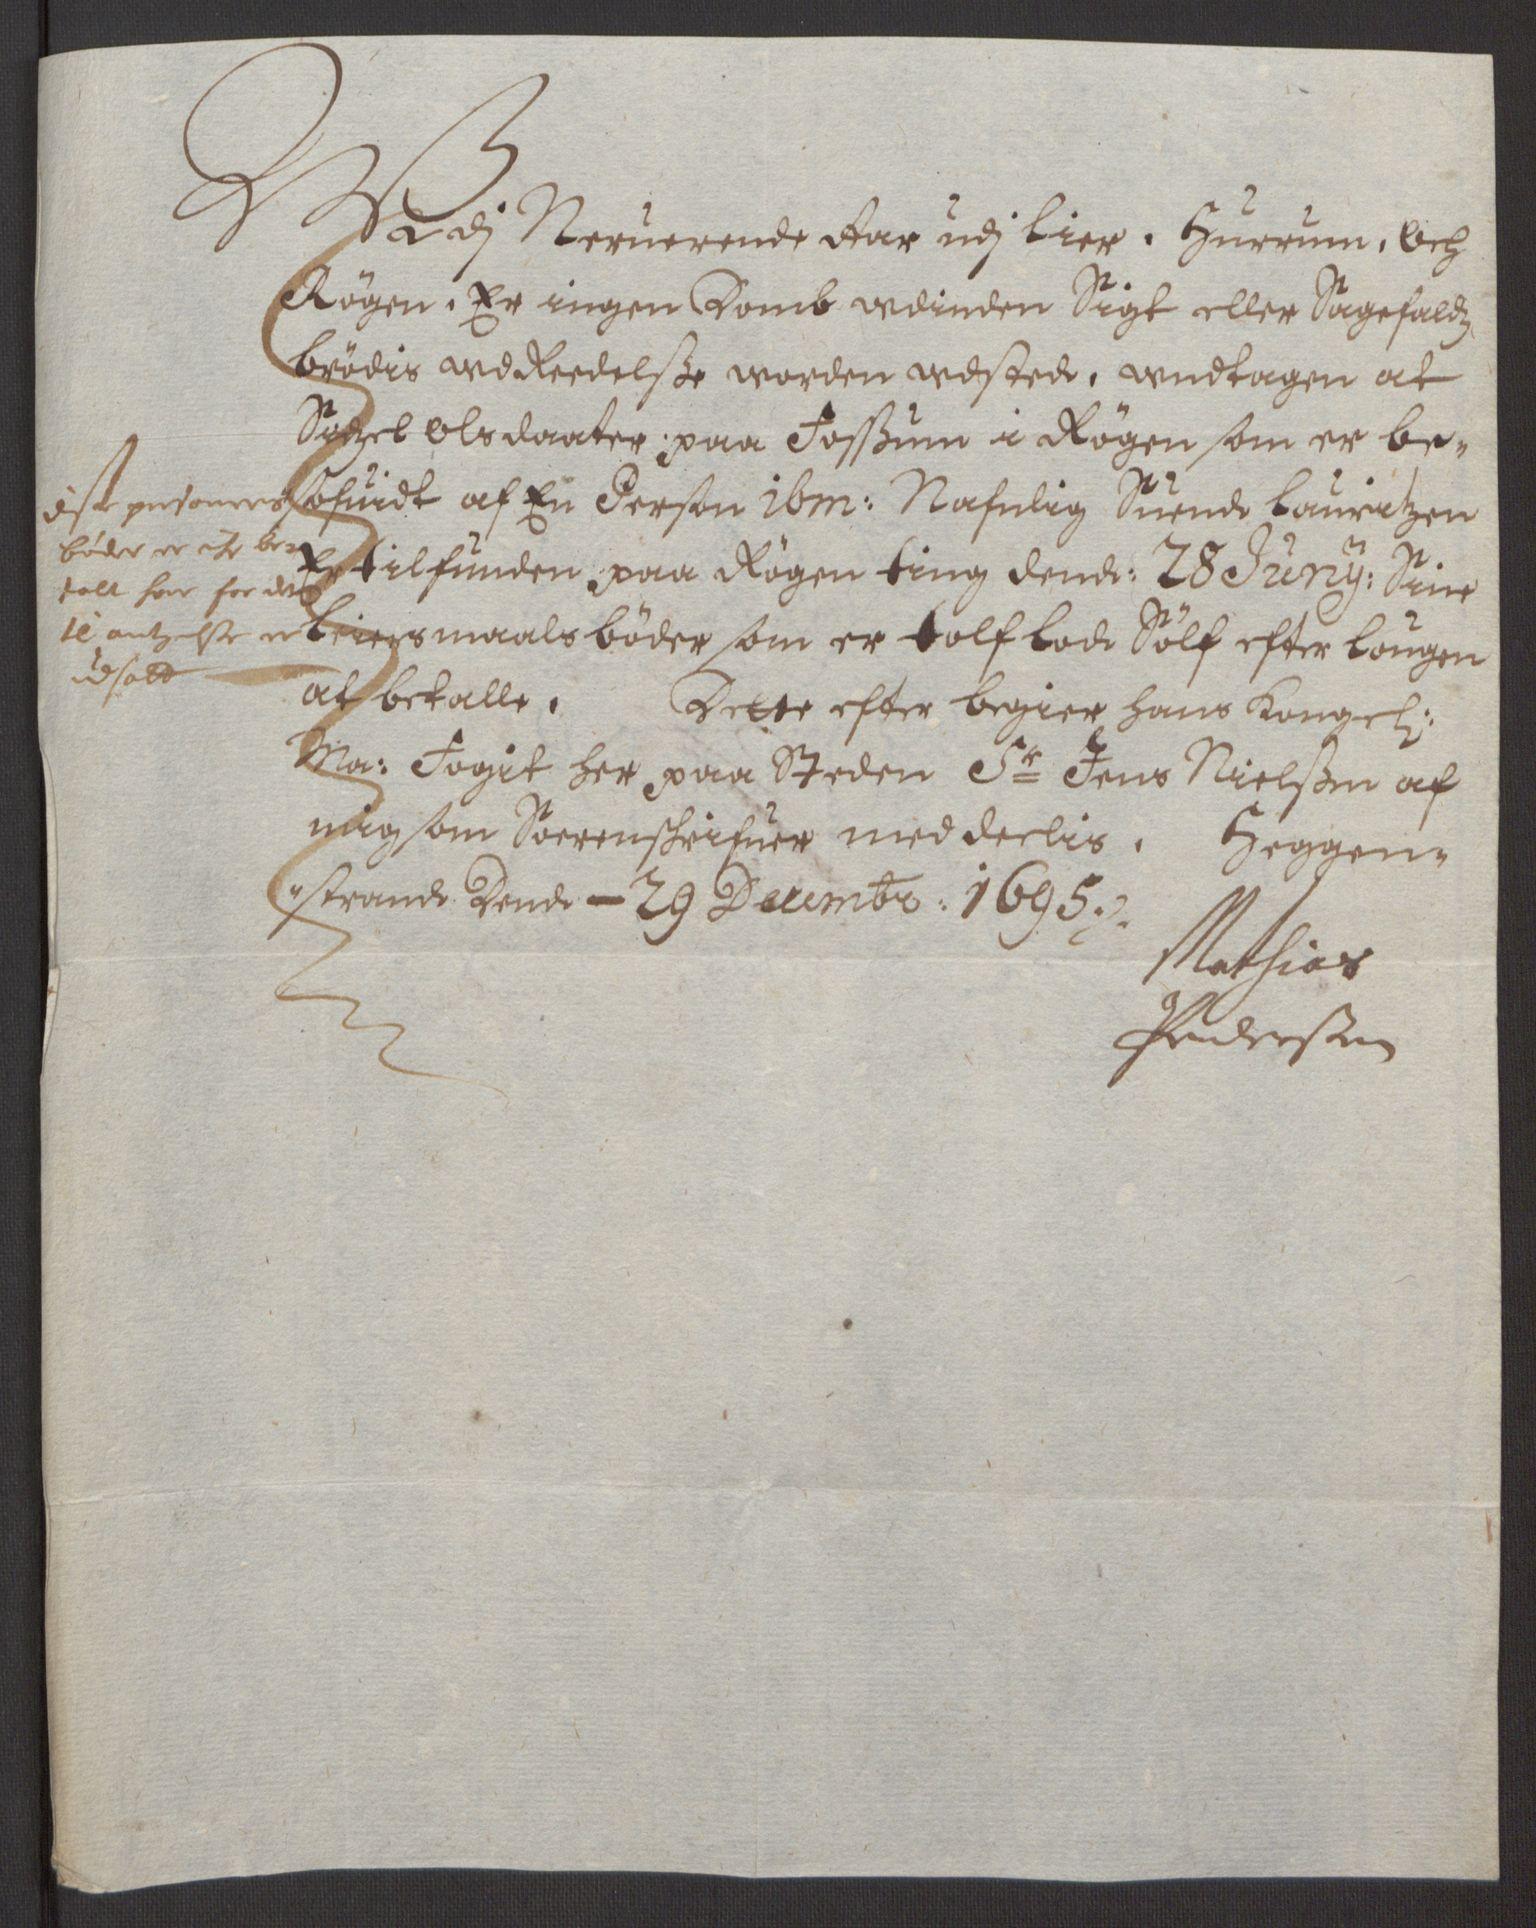 RA, Rentekammeret inntil 1814, Reviderte regnskaper, Fogderegnskap, R30/L1694: Fogderegnskap Hurum, Røyken, Eiker og Lier, 1694-1696, s. 167